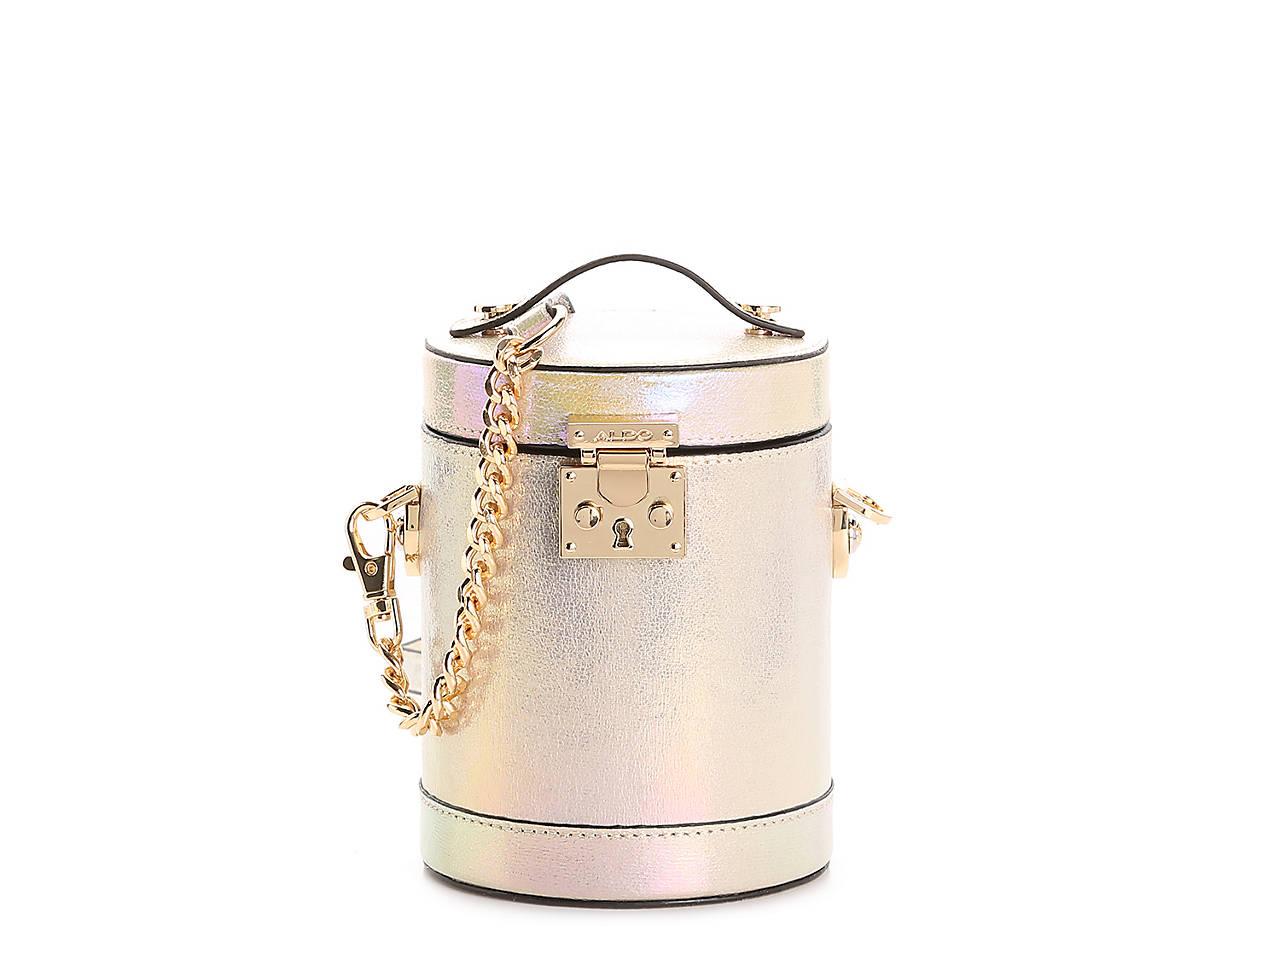 7fcd007323 Aldo Request Bucket Bag Women's Handbags & Accessories | DSW